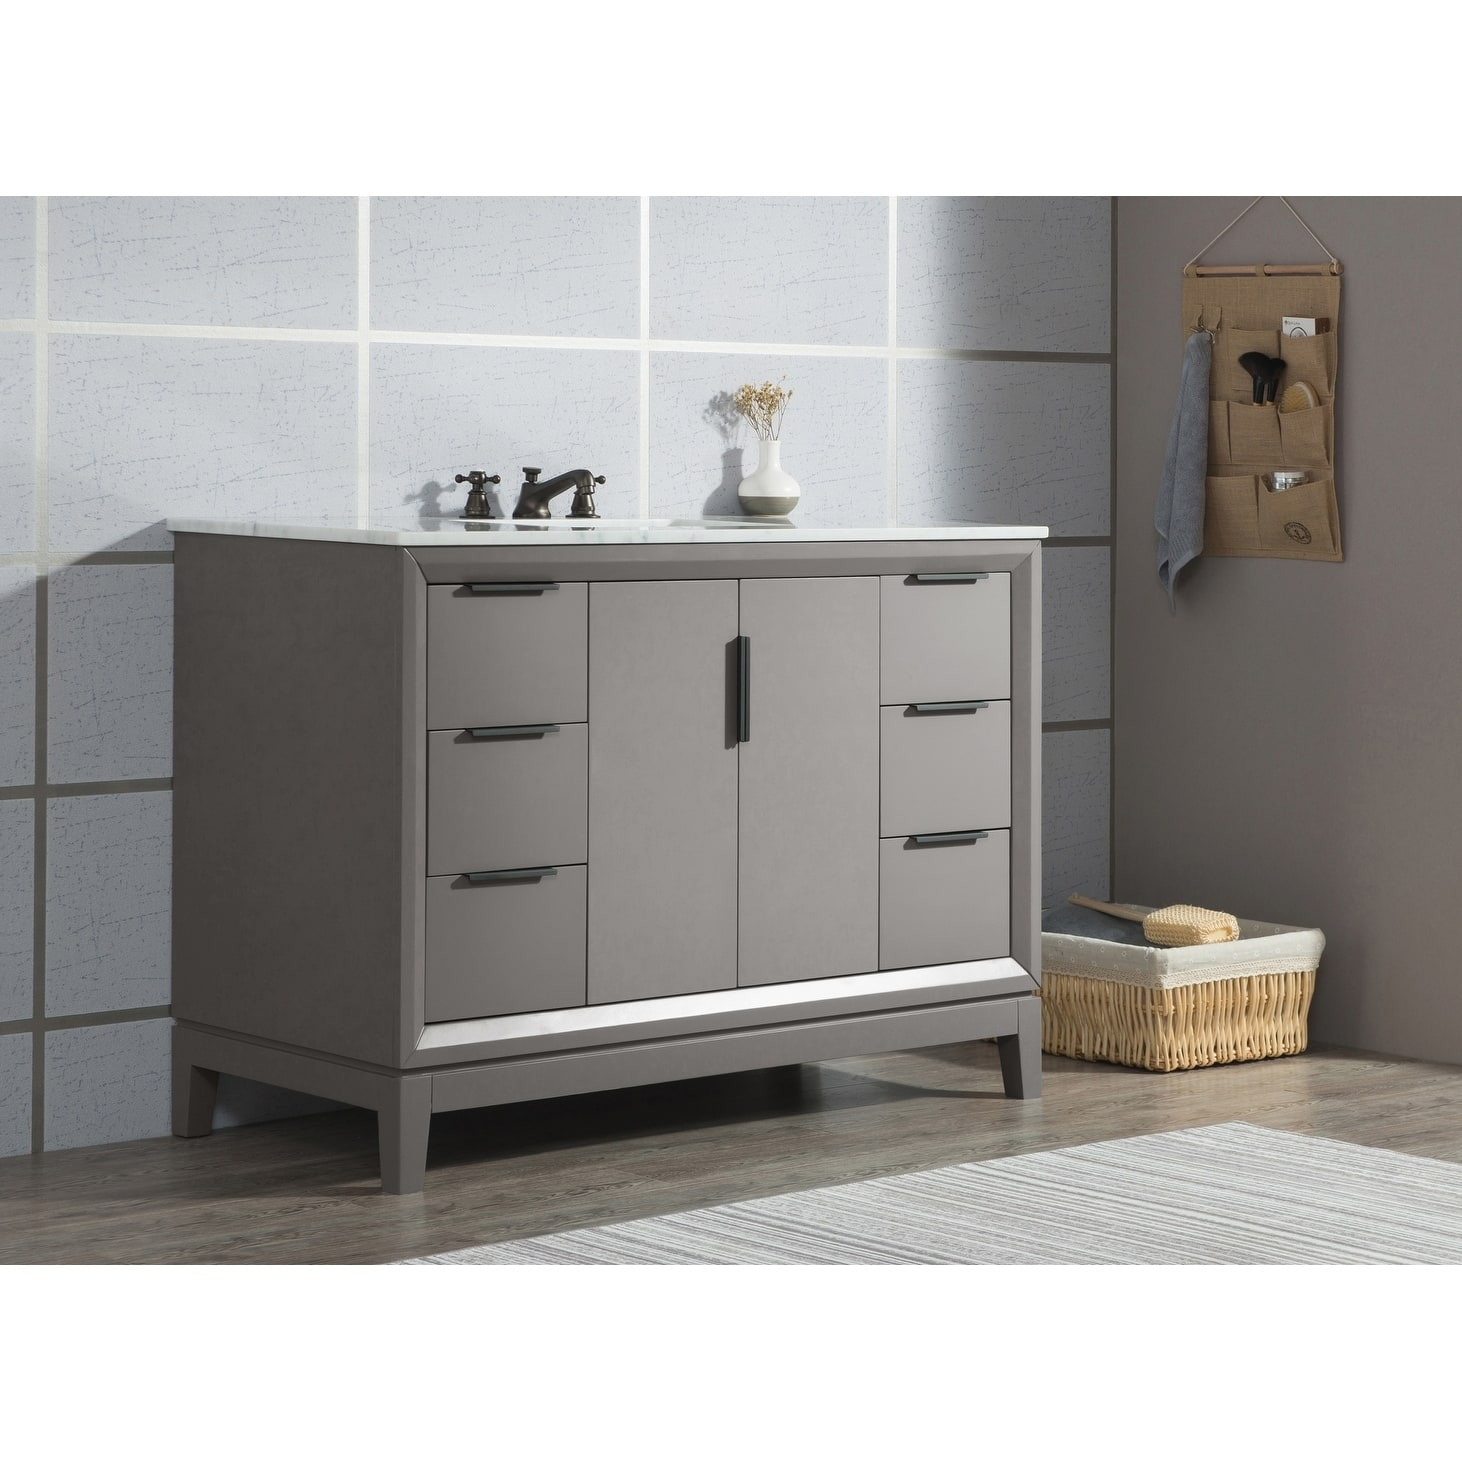 Buy Bathroom Vanities Vanity Cabinets Online At Our Best Bathroom Furniture Deals